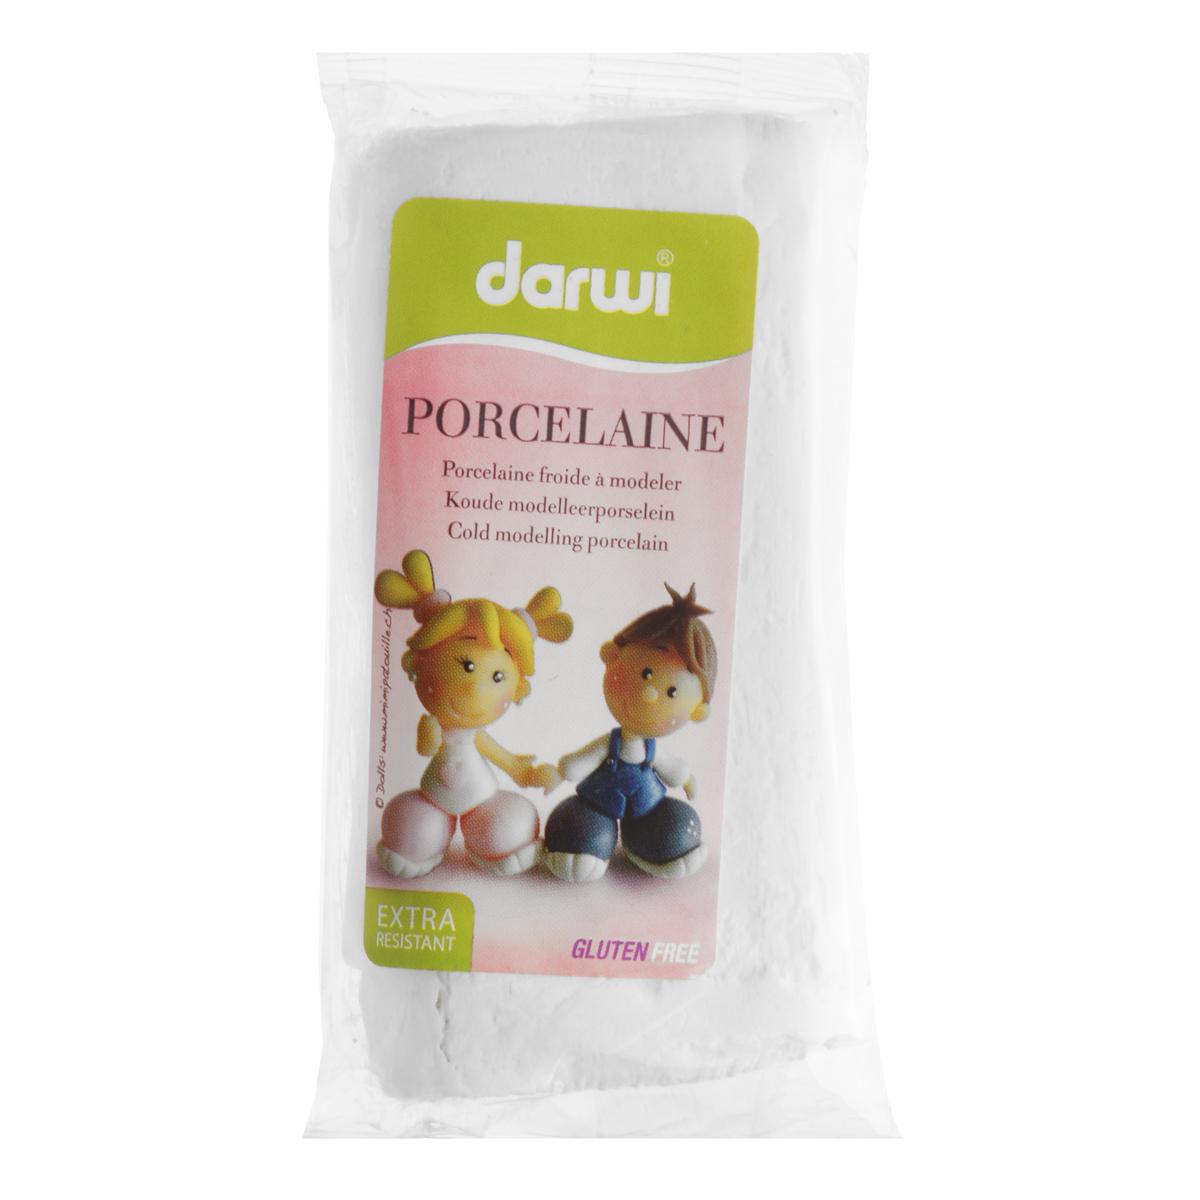 Масса для лепки Darwi Porcelaine, цвет: белый (027), 150 г357002_027Масса Darwi Porcelaine - это самозатвердевающая полимерная глина, предназначенная для лепки. Уже готова к использованию. После полного высыхания (от нескольких часов до нескольких дней в зависимости от размера работы) масса становится очень твердой и дает небольшую усадку. Влагоустойчива при высыхании. После отверждения можно покрывать лаком, красками. Не рекомендуется давать детям до 3-х лет. Транспортировка и хранение массы возможно при температуре 5-25°С. Материал: полимерная глина. Вес: 150 г.